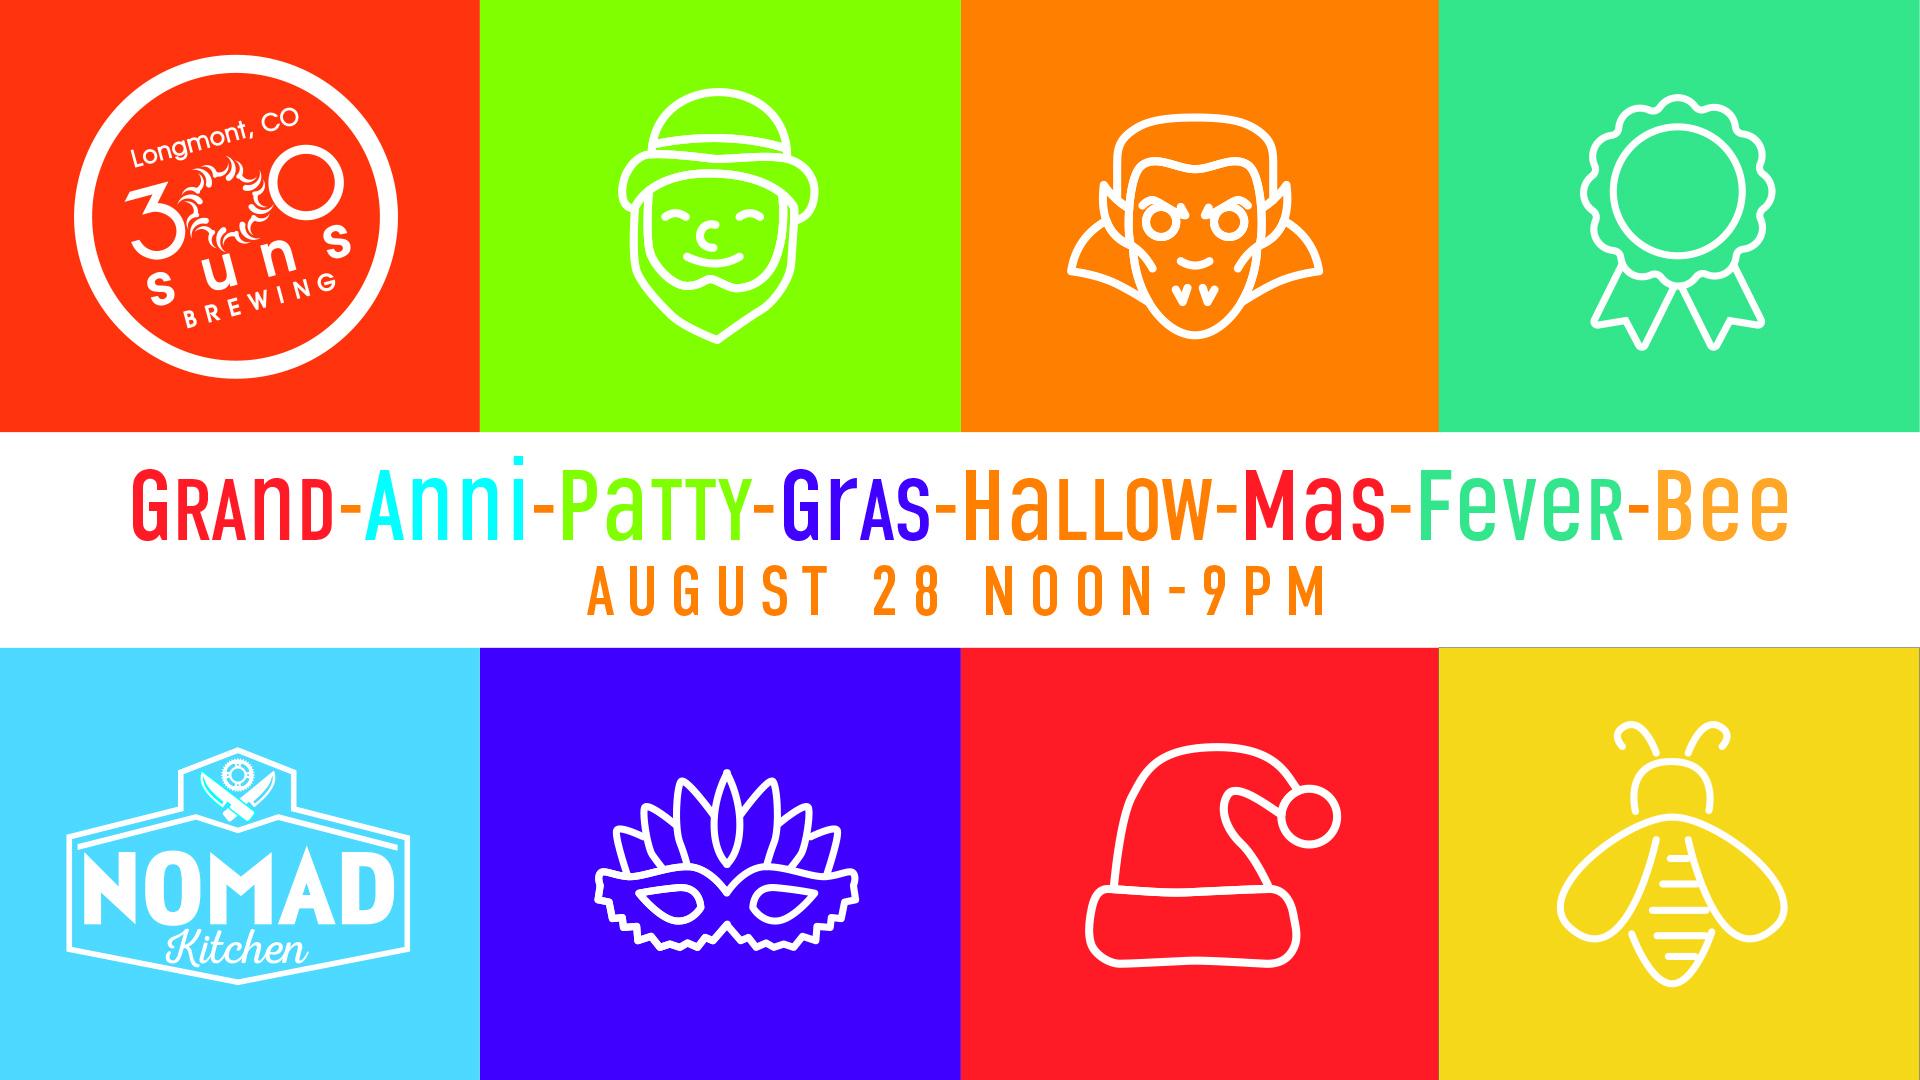 Grand-anni-patty-gras-hallow-mas-fever-bee